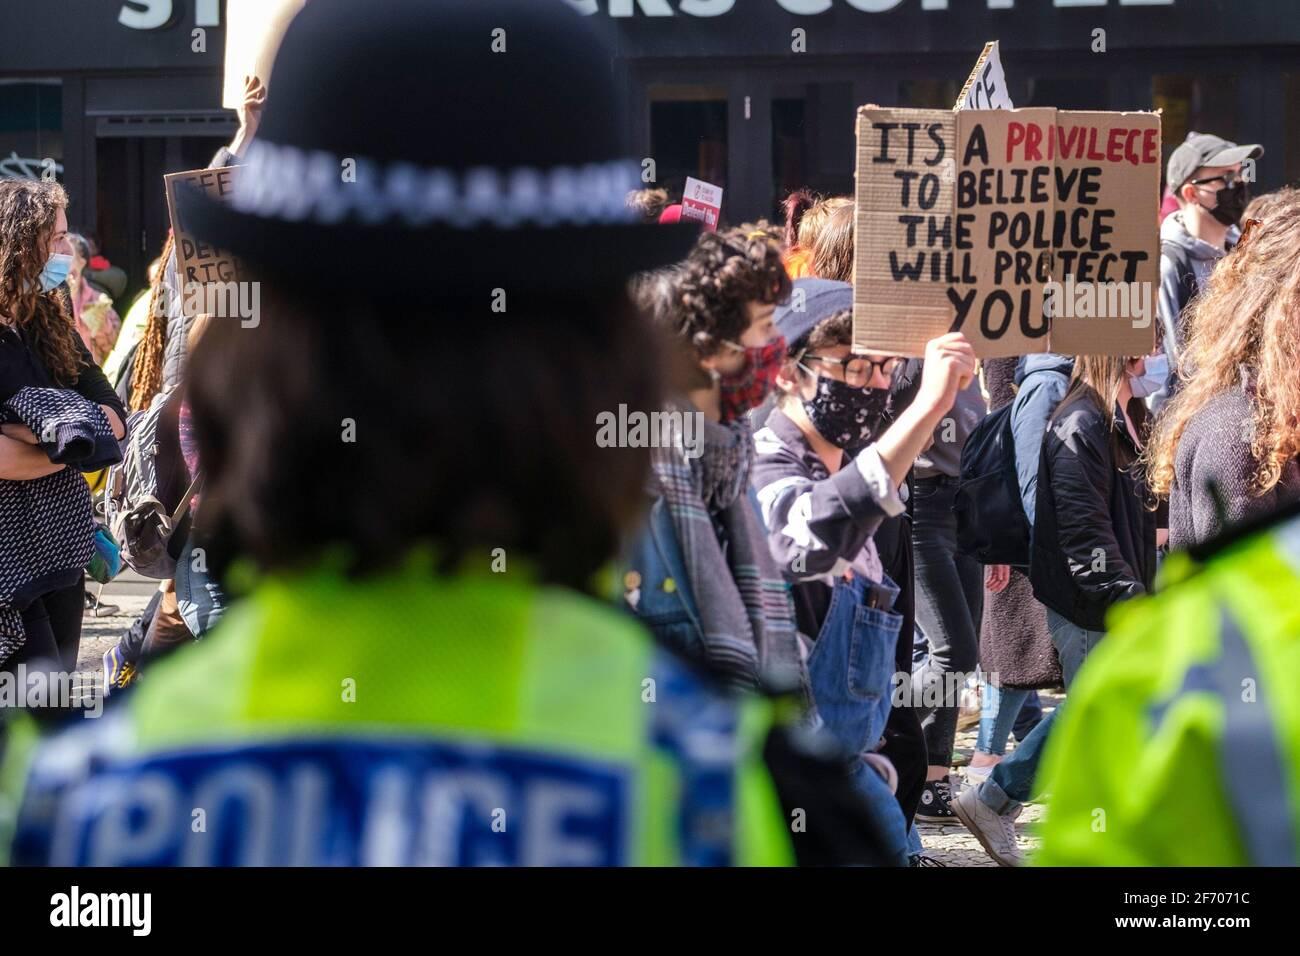 Sheffield, Reino Unido. 03rd de abril de 2021. Los manifestantes en la protesta contra el proyecto de ley de policía, crimen, sentencia y tribunales, en Sheffield, al norte de Inglaterra, el sábado 3rd de abril de 2021. Crédito: Mark Harvey/Alamy Live News Foto de stock